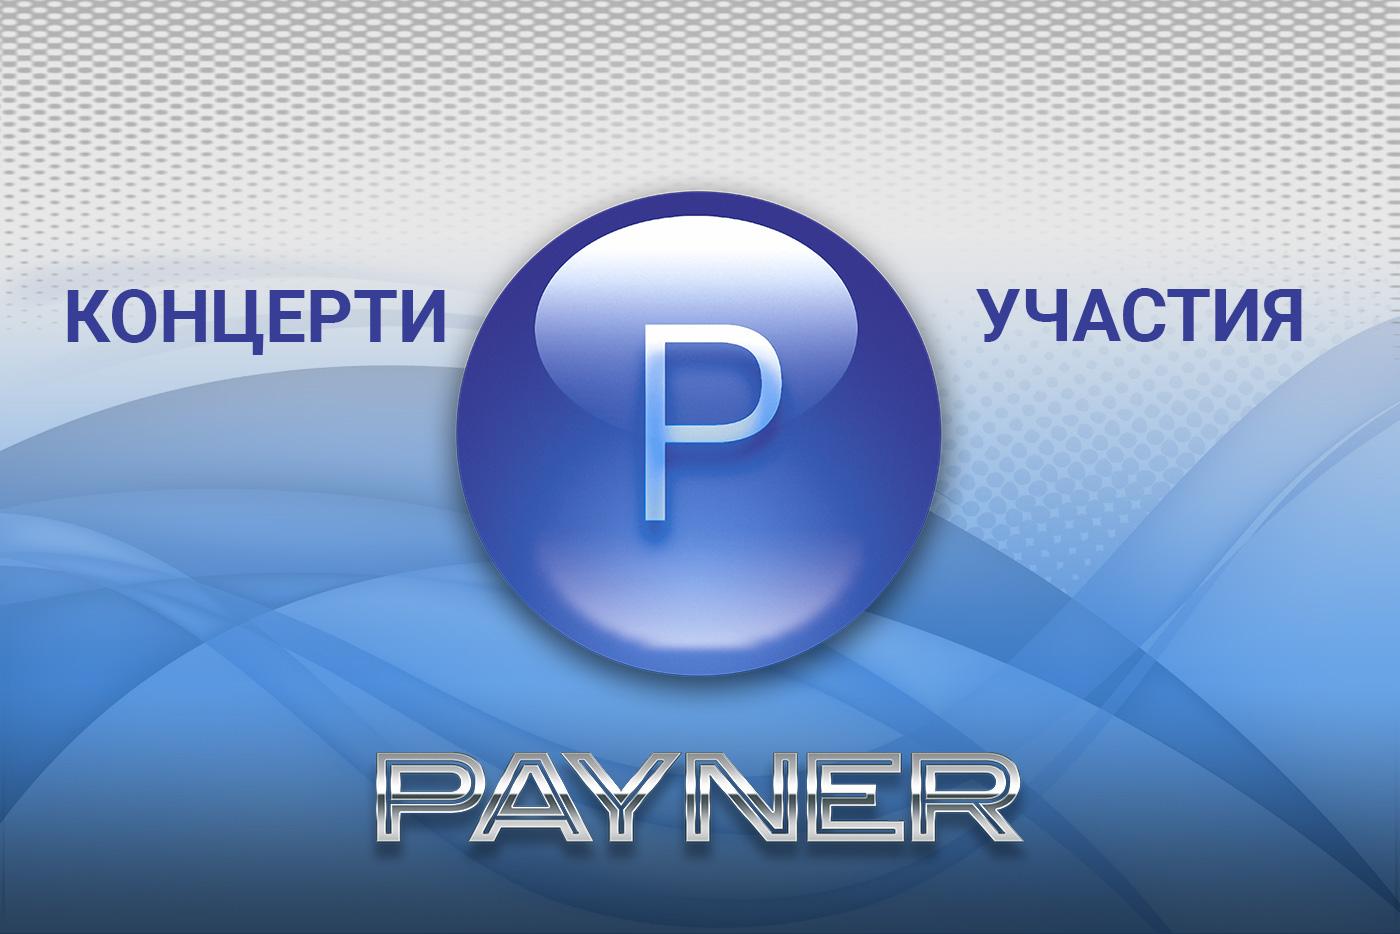 """Участия на звездите на """"Пайнер"""" на 14.10.2019"""